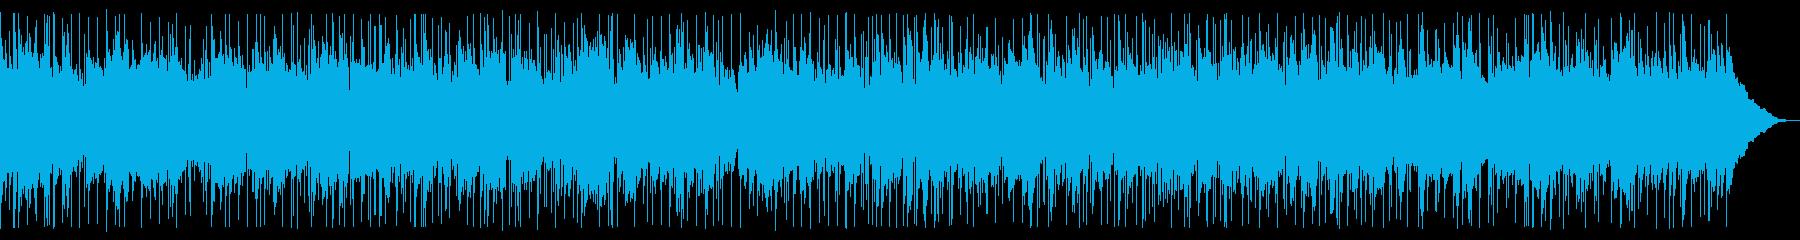 ほのぼのとしたアコースティックサウンドの再生済みの波形